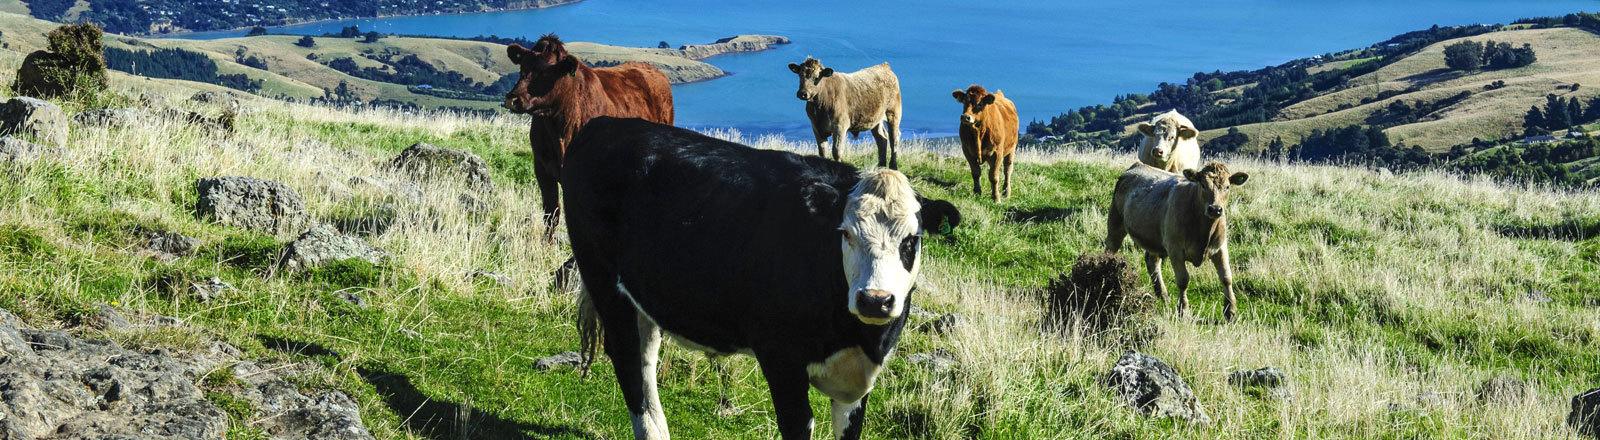 Kühe grasen über dem Hafen von Akaroa auf der Südinsel in Neuseeland.